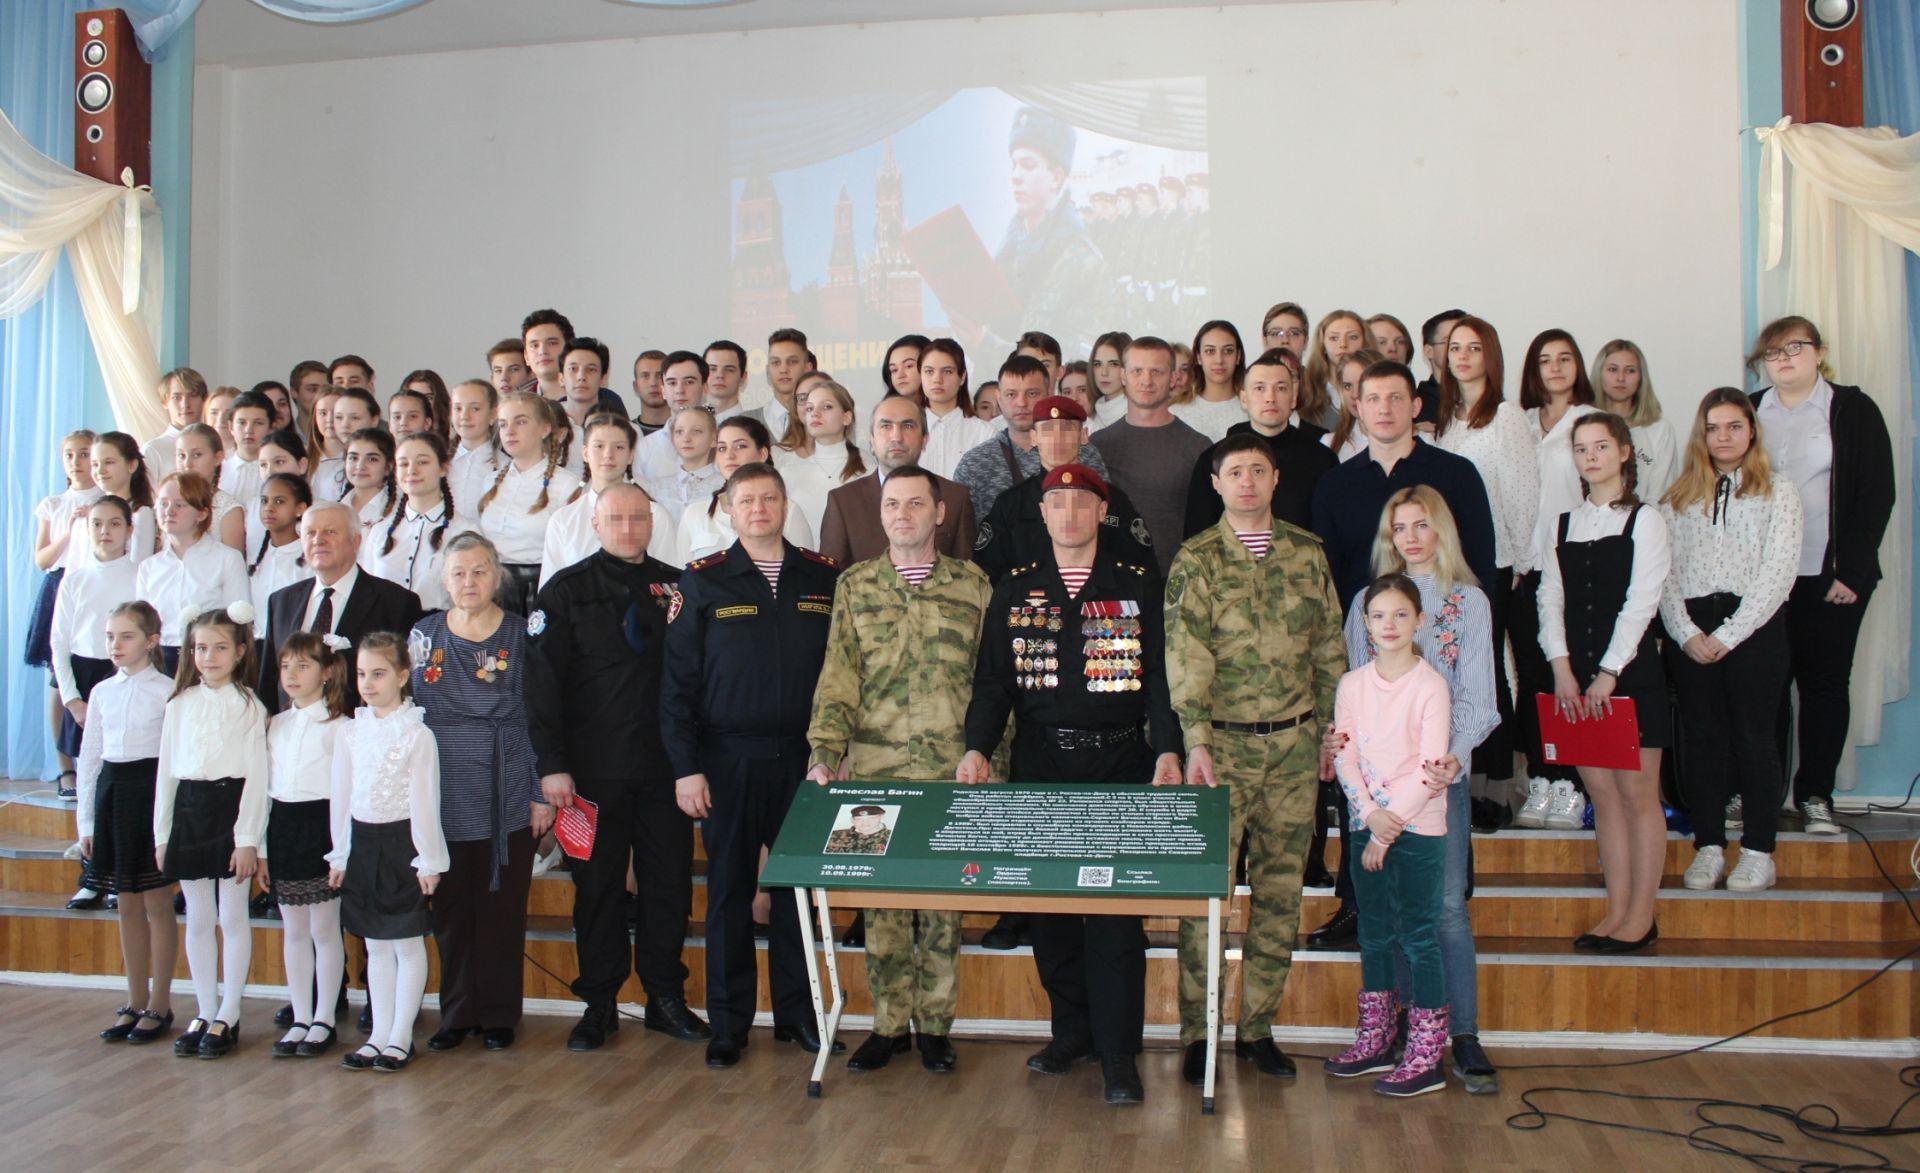 «Парта героя» – кавалера ордена Мужества Вячеслава Багина открыта в одной из ростовских школ